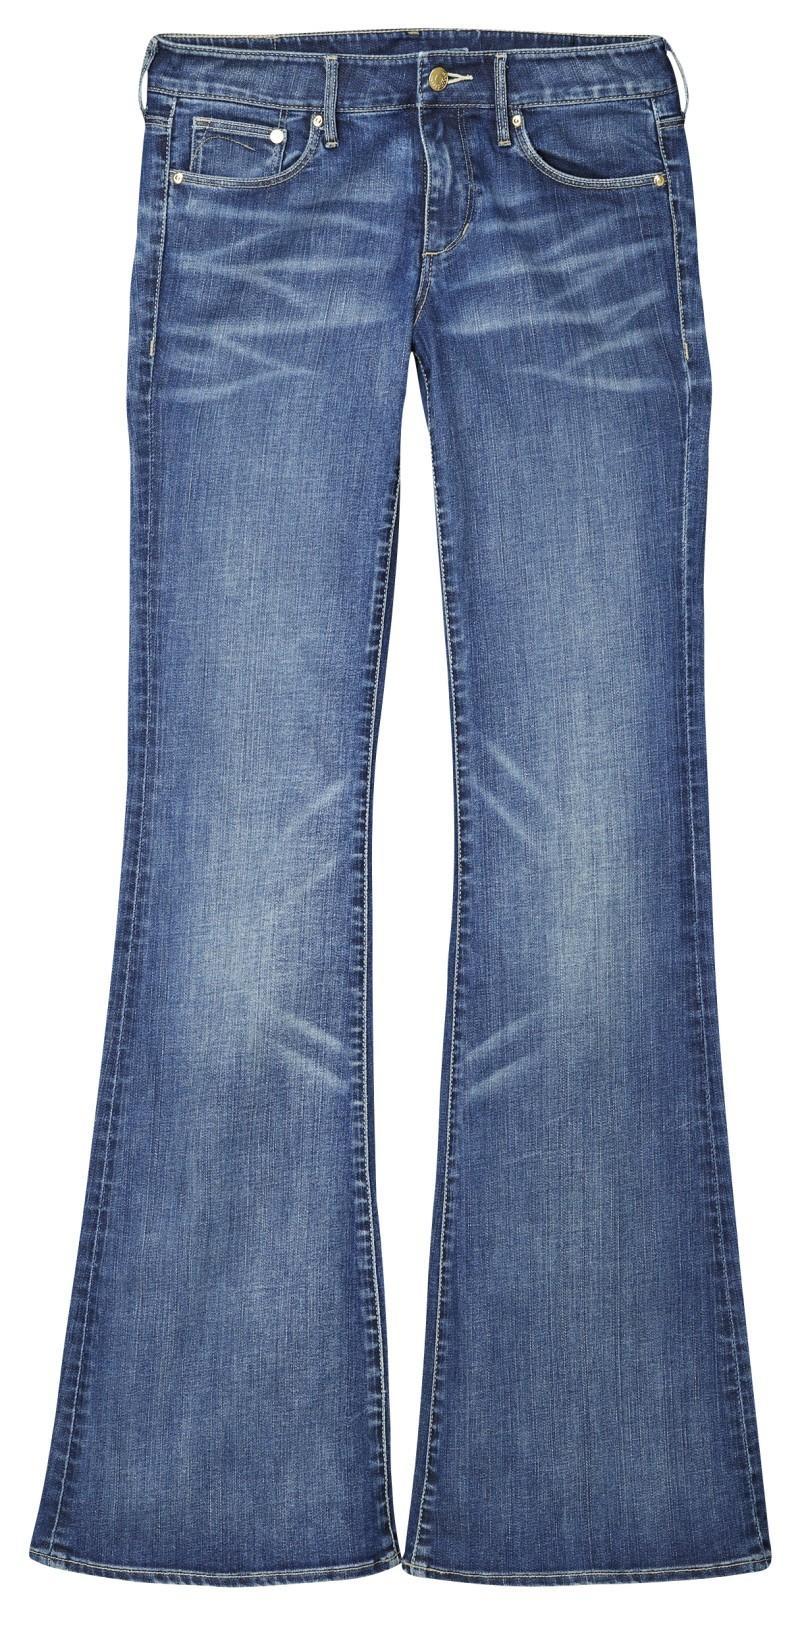 niebieskie dżinsy H&M dzwone - kolekcja wiosenno/letnia